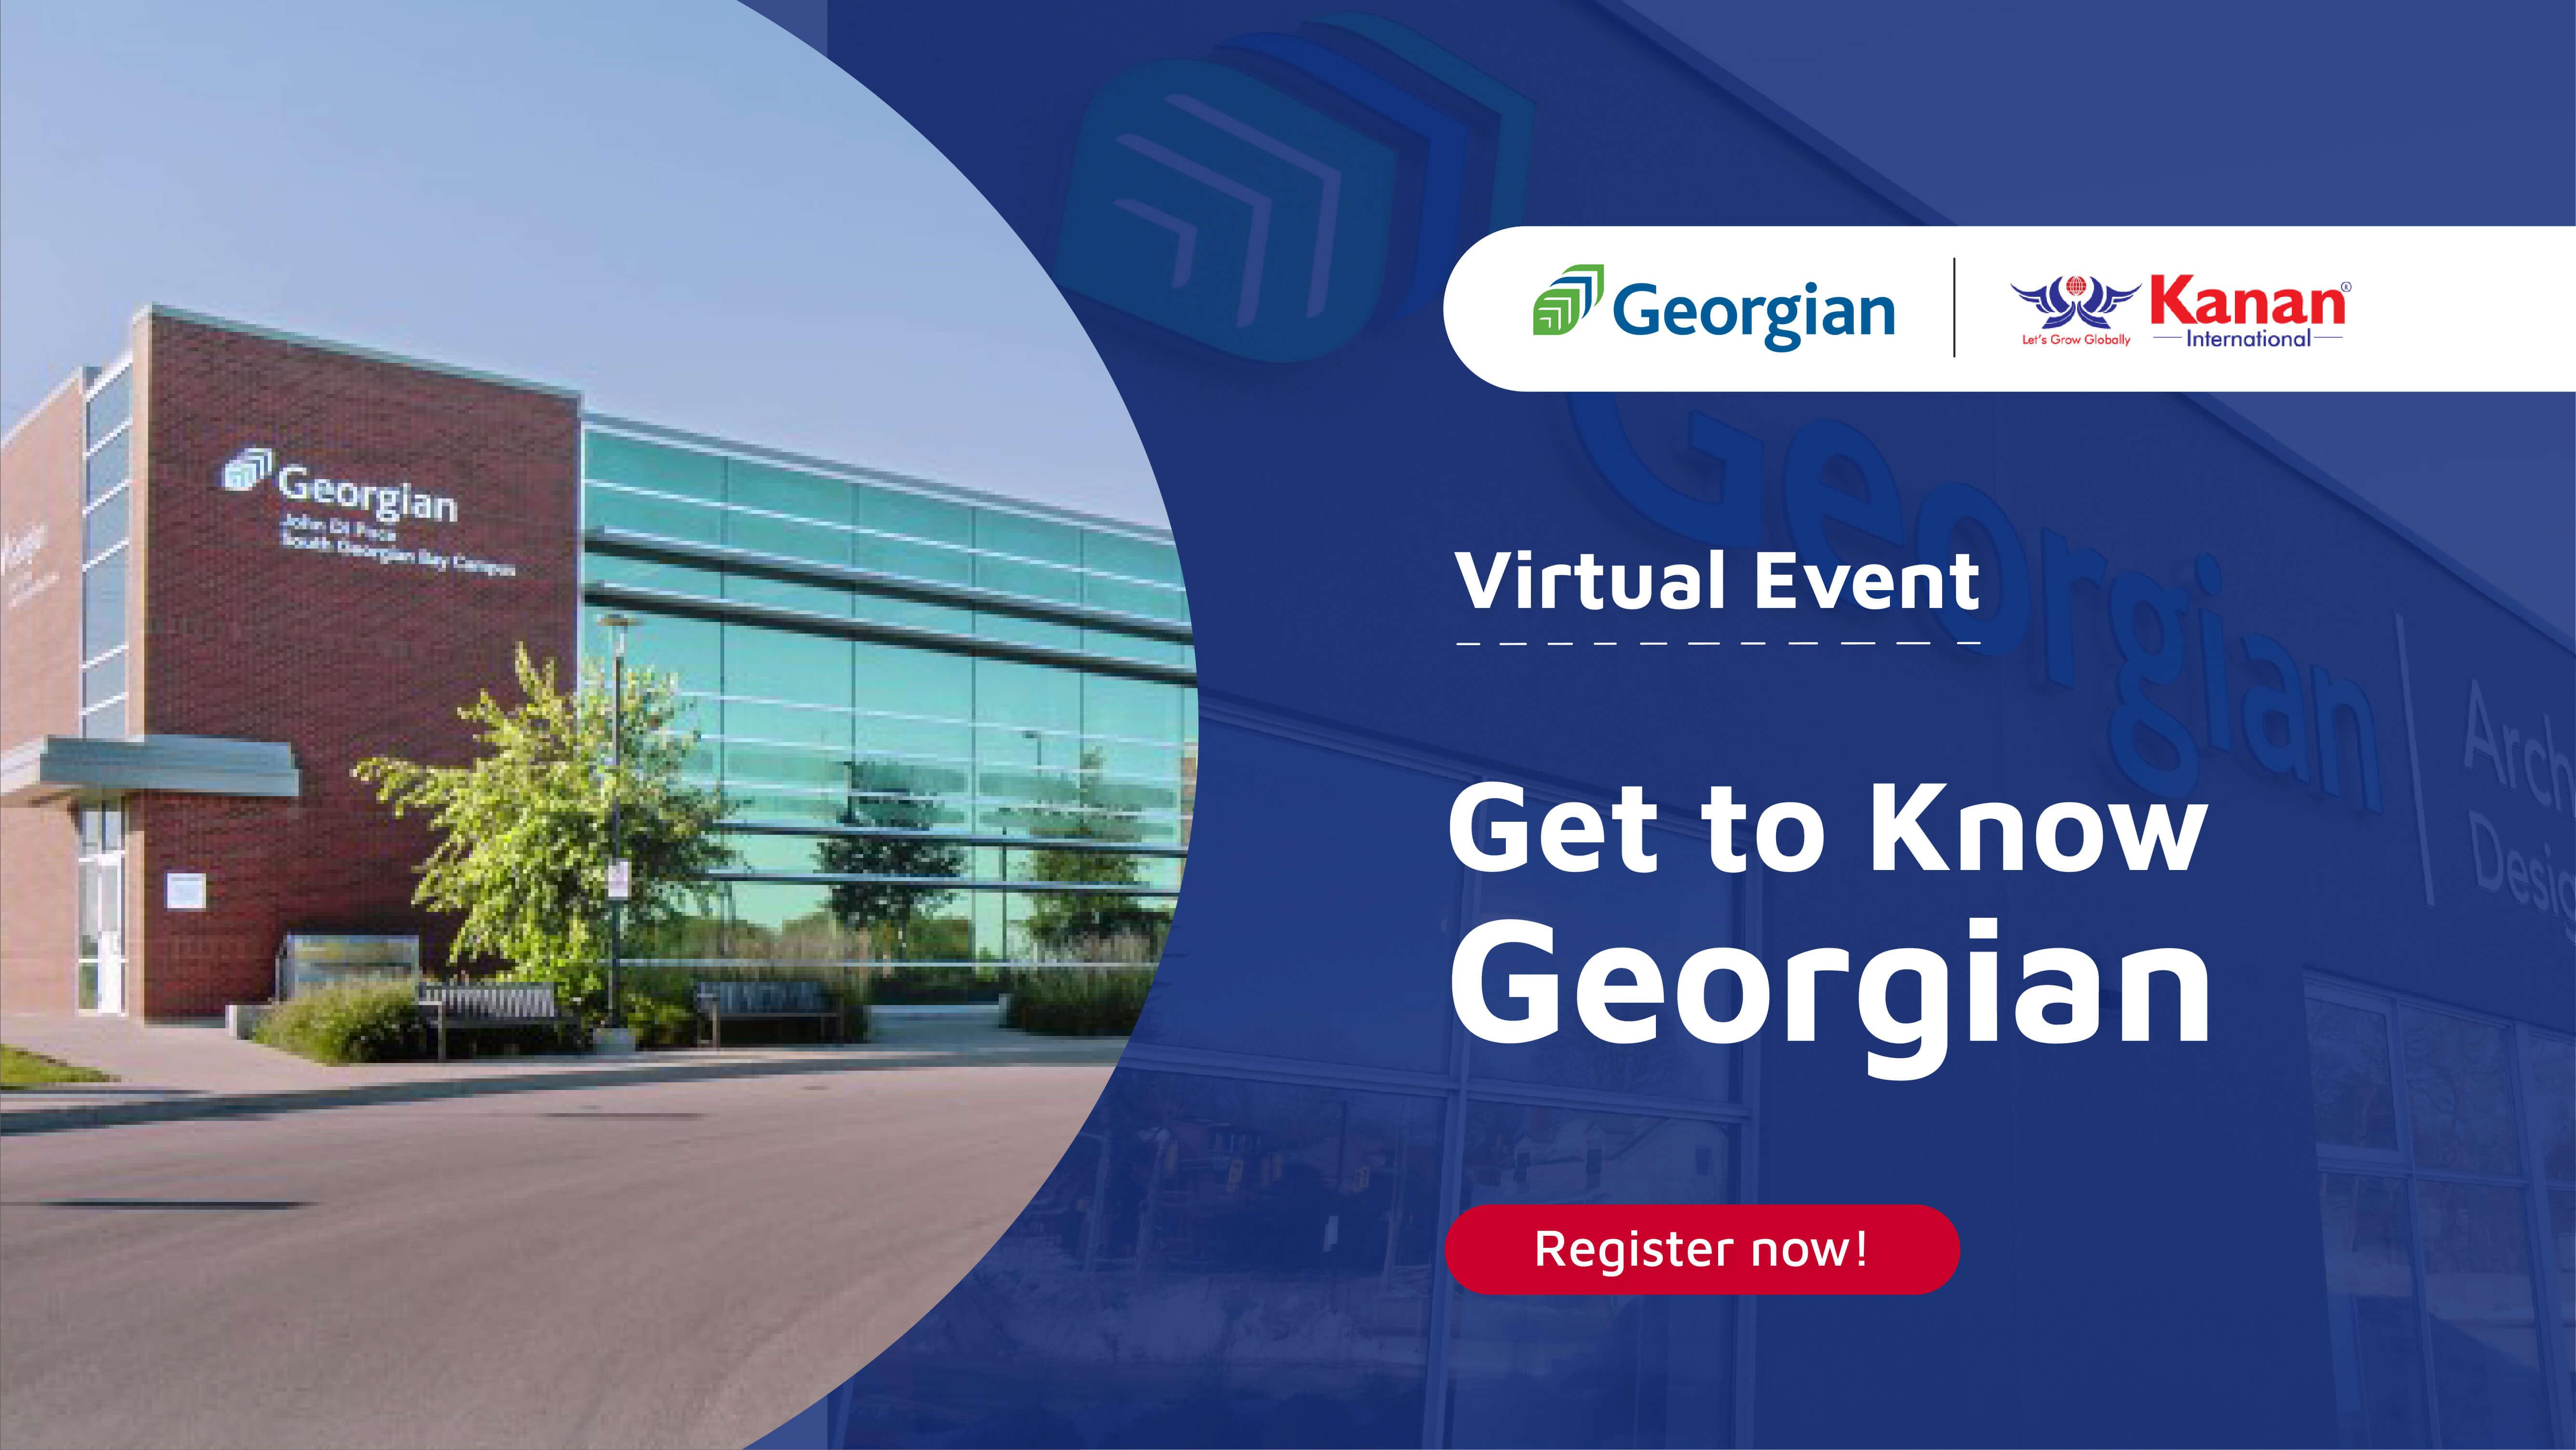 kanan georgian event